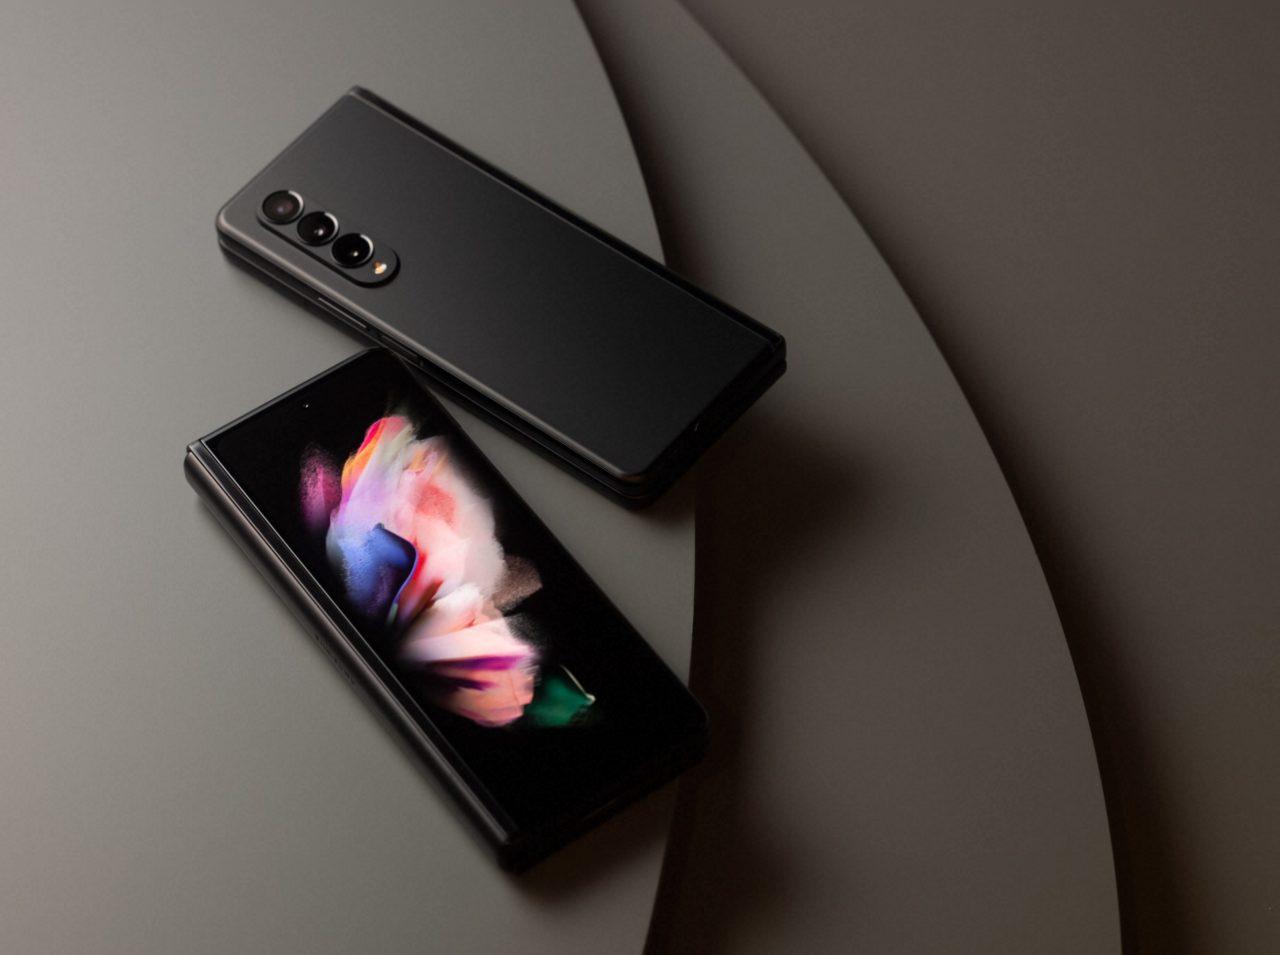 Samsung-Galaxy-Z-Fold-3-45-1280x955-3.jpg